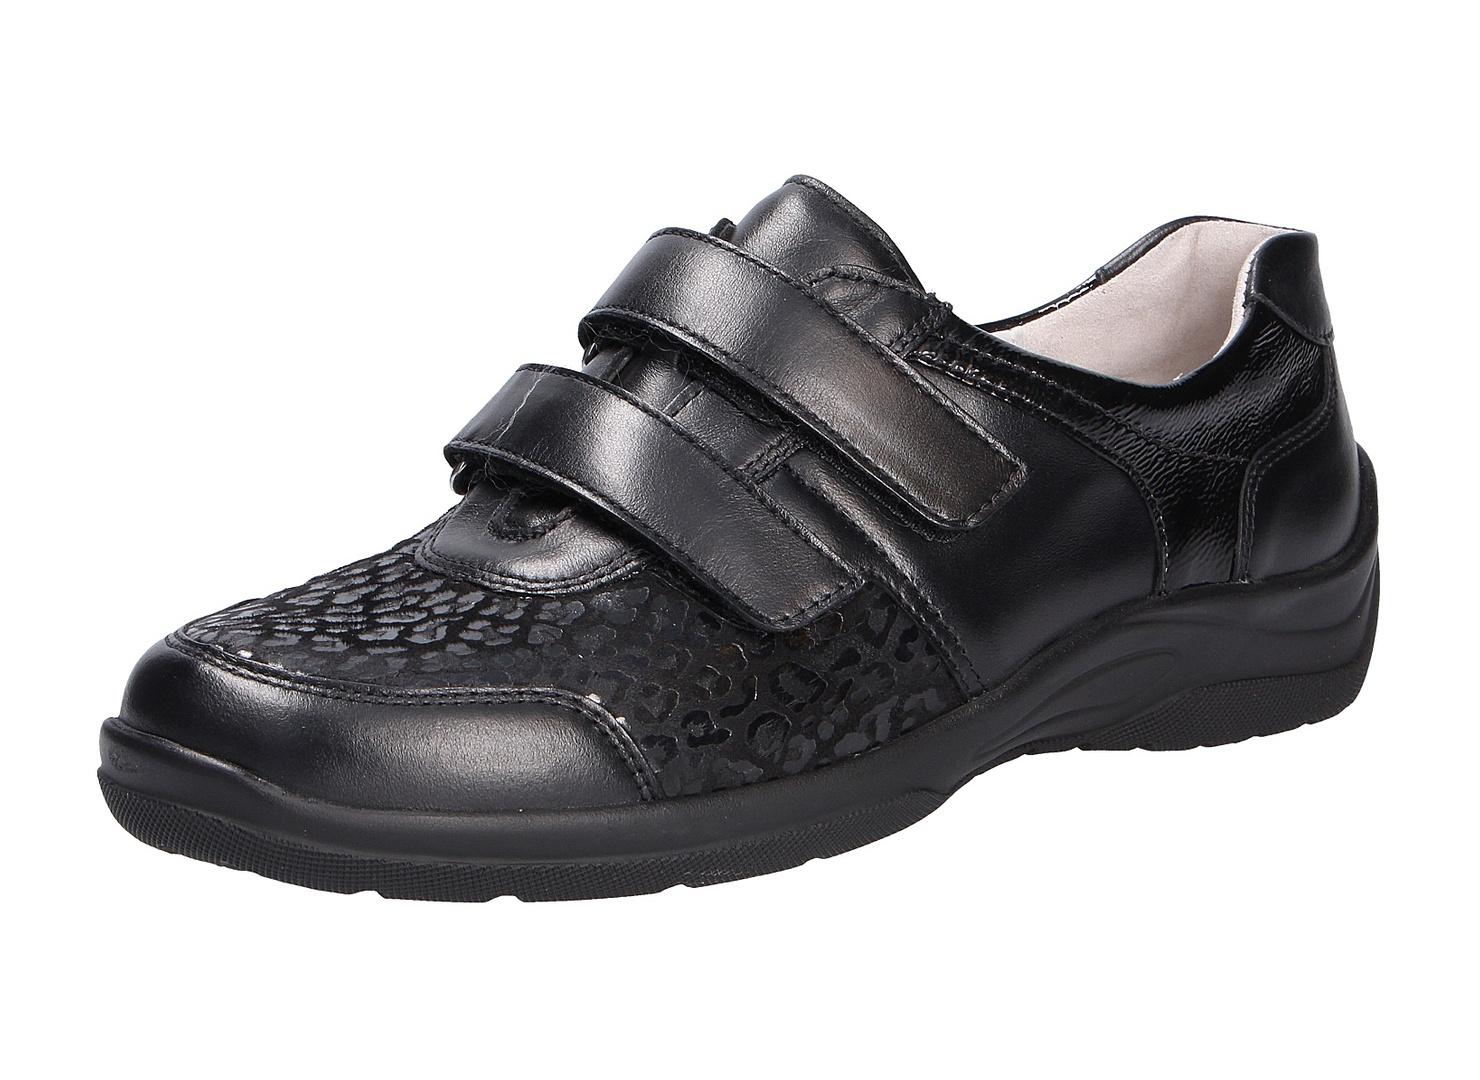 amazing price best supplier wholesale outlet Waldläufer Schuhe online günstig kaufen | Hier finden Sie ...